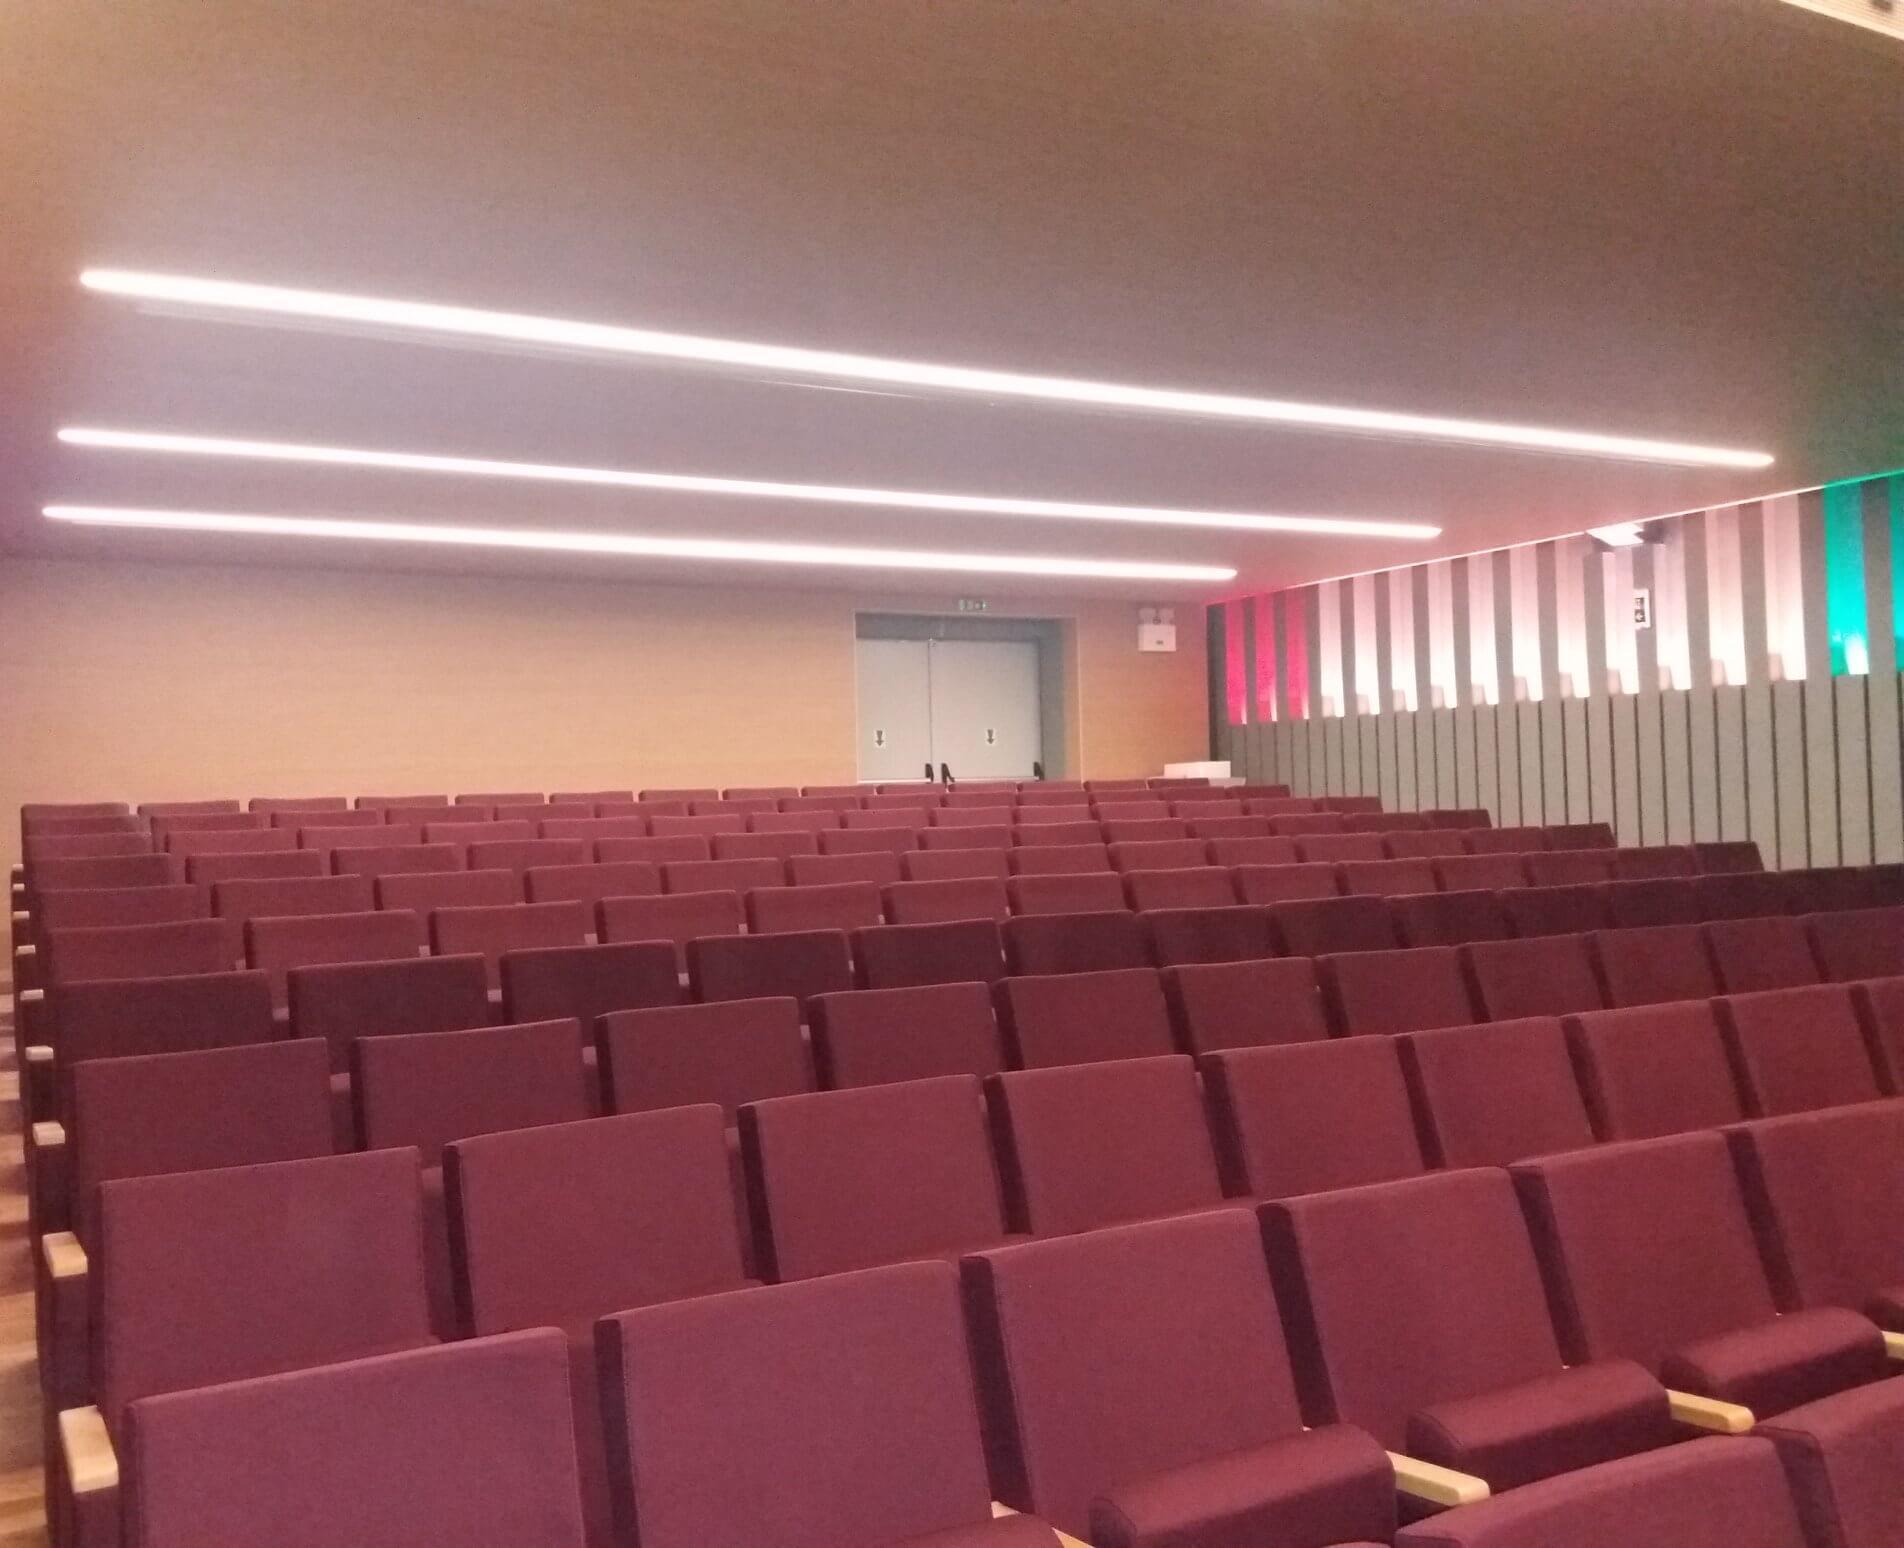 Καλλιθέα : Υπεγράφη η Προγραμματική Σύμβαση για την Ενεργειακή Αναβάθμιση του Πολιτιστικού Κέντρου «Μελίνα Μερκούρη»